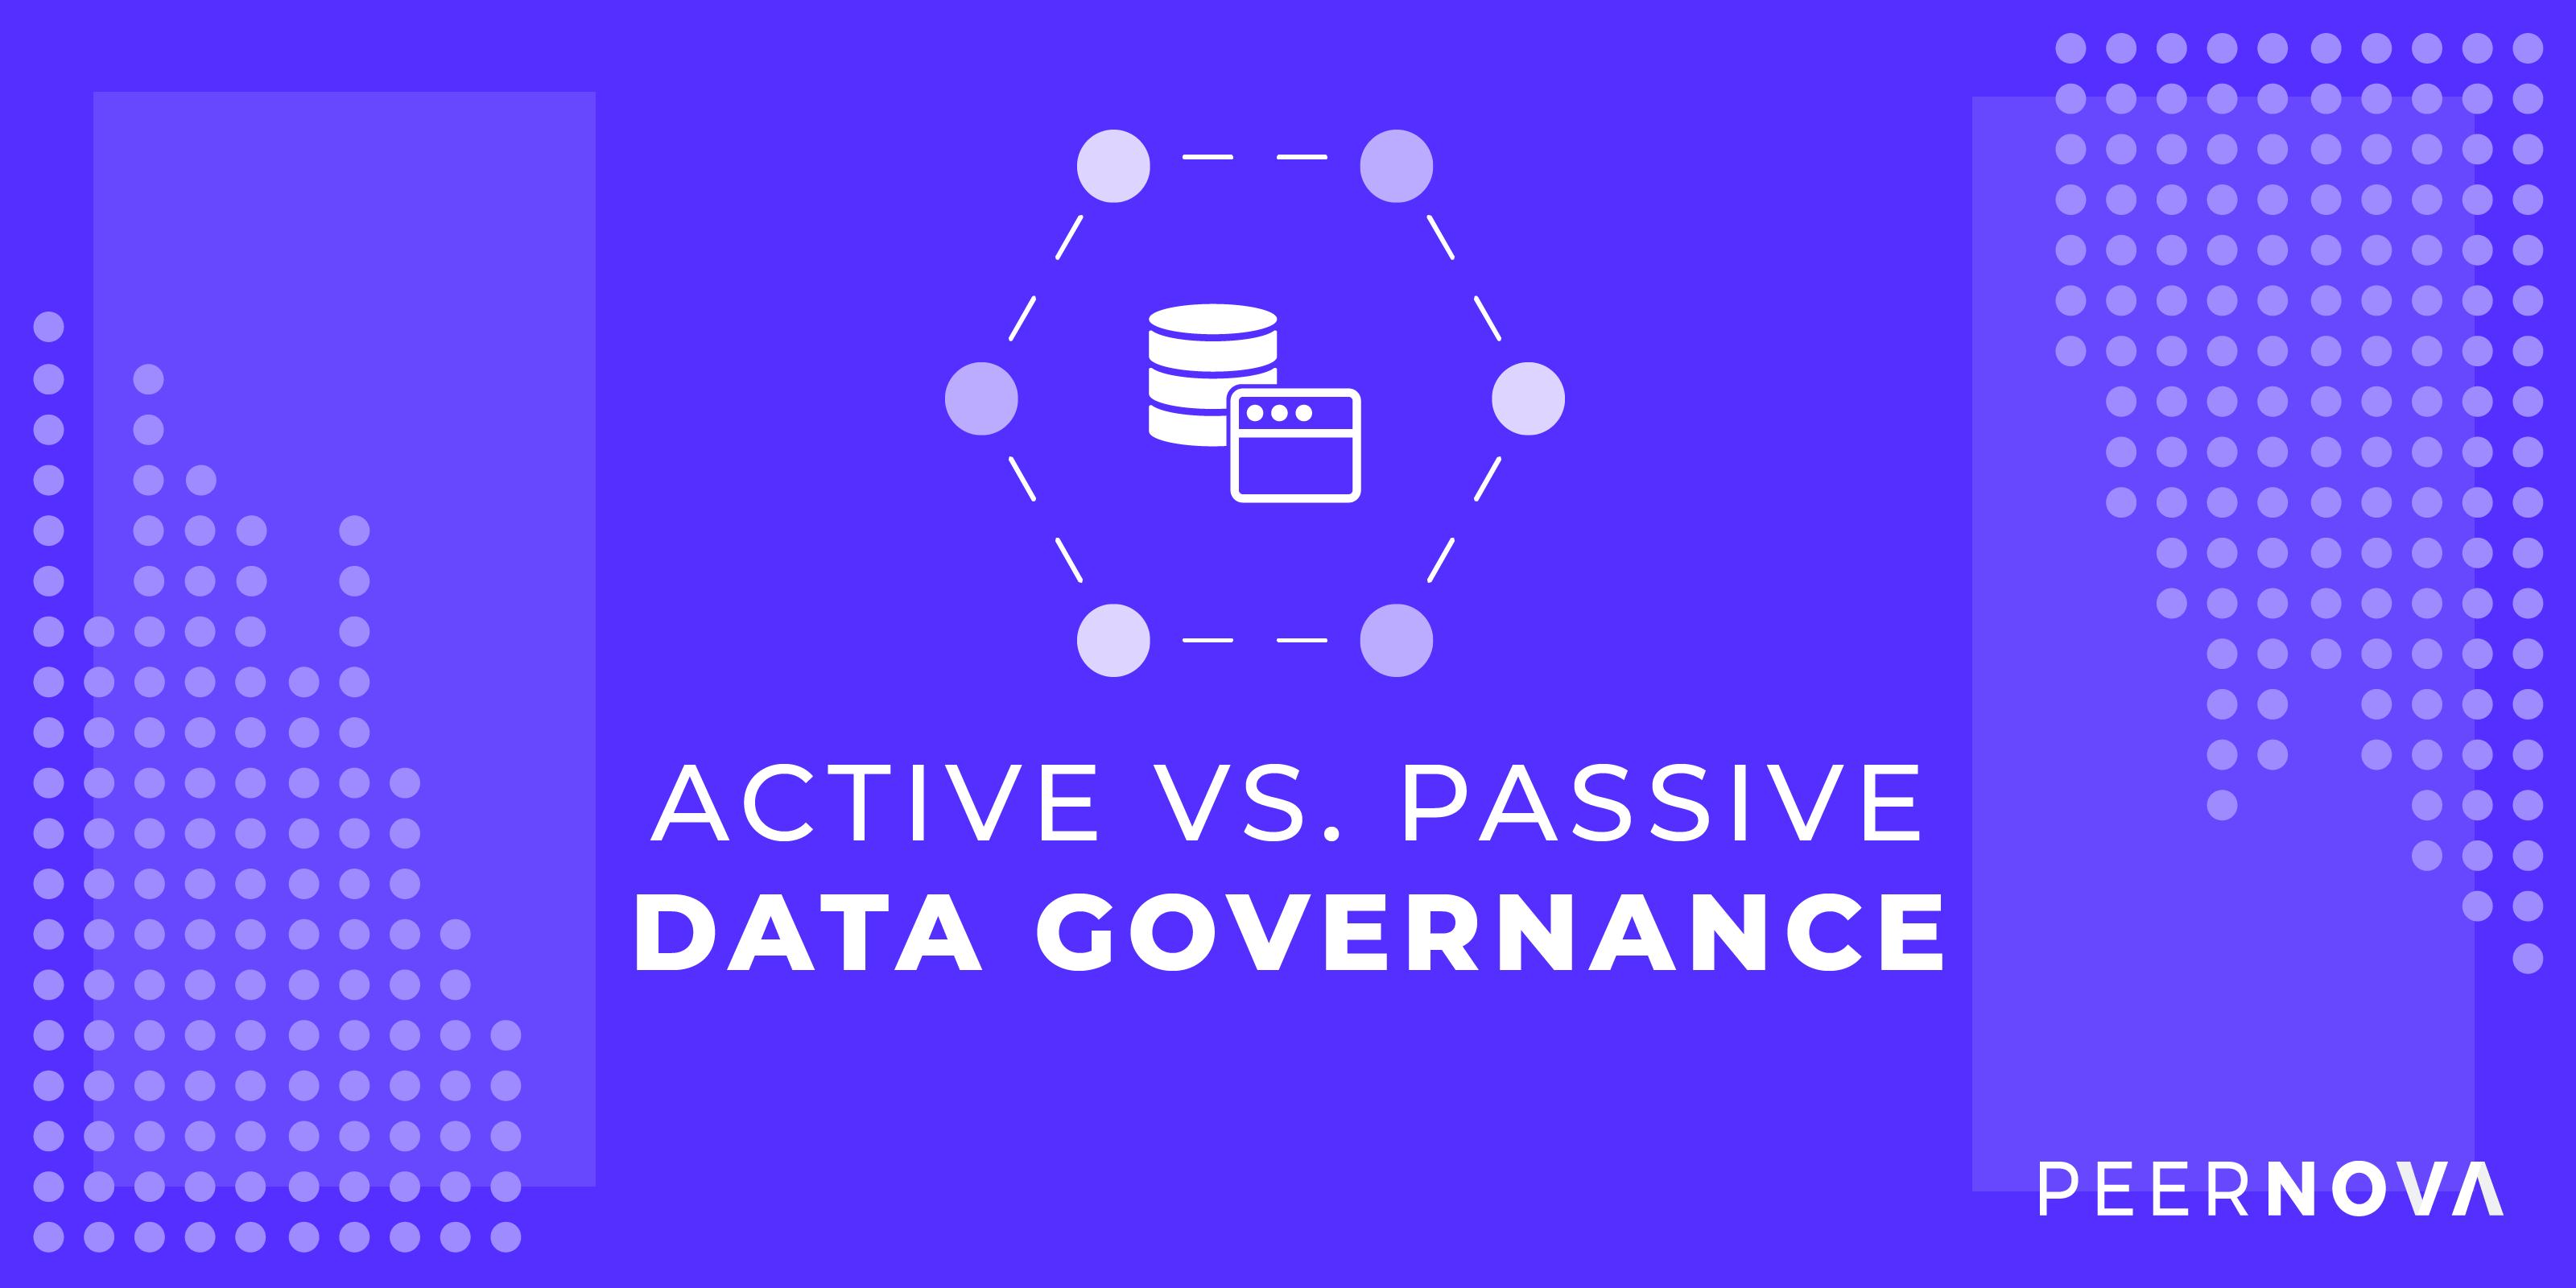 Active vs. Passive Data Governance